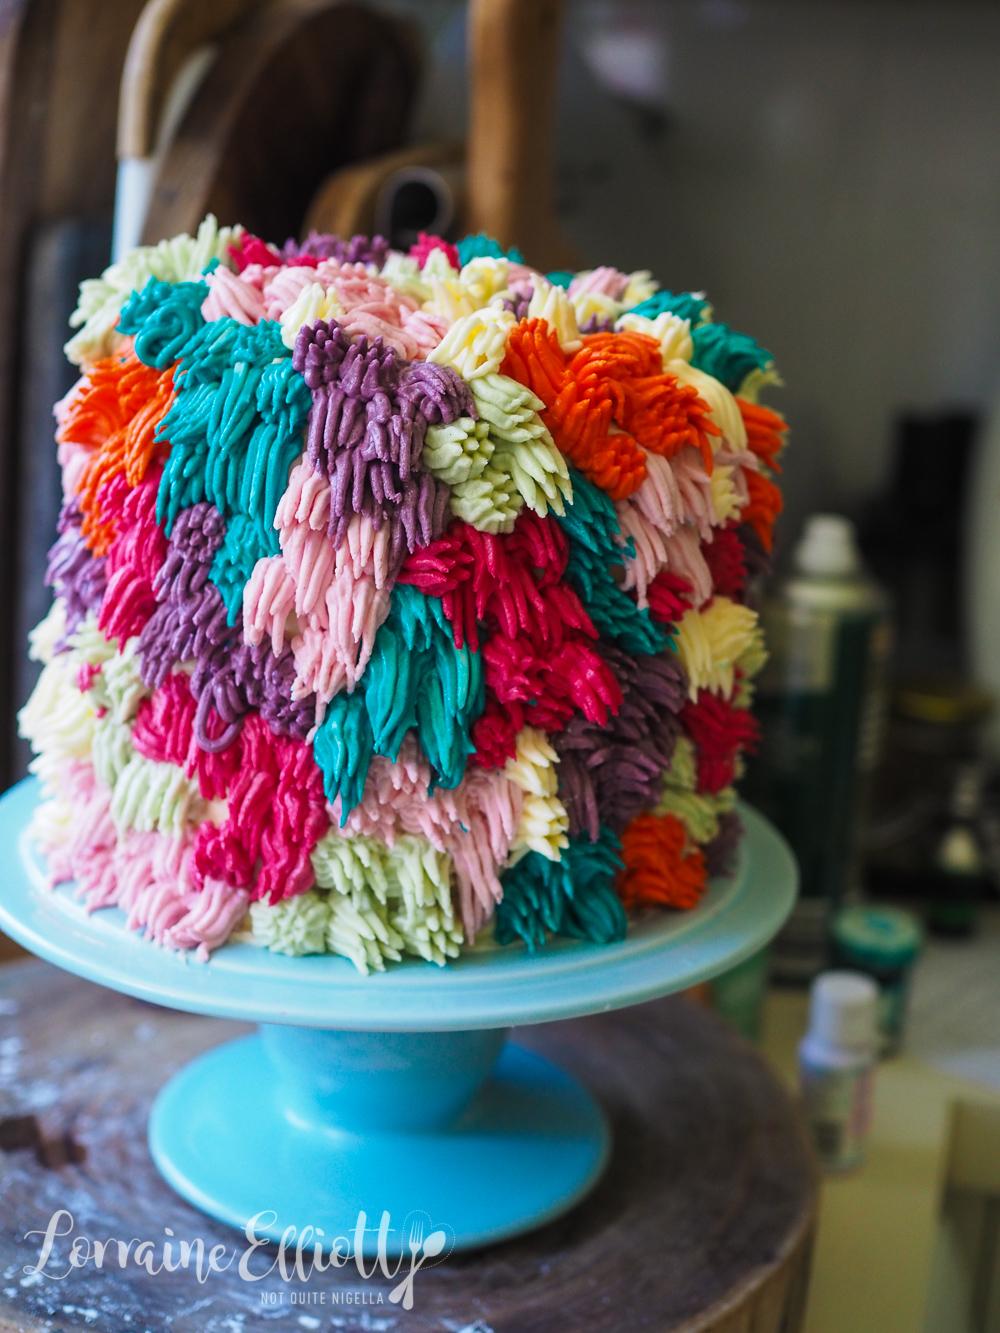 Shag Pom Pom Cake